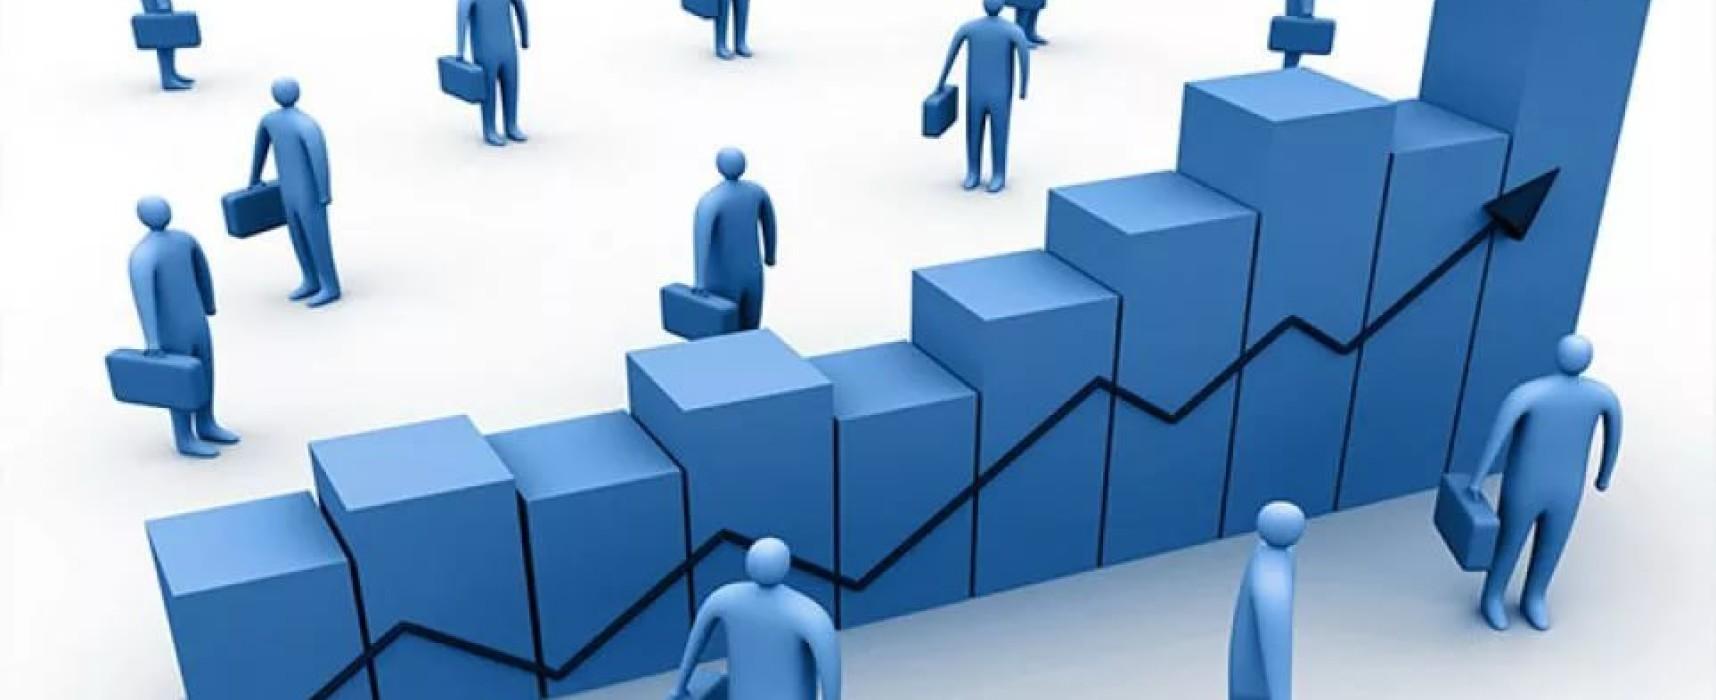 Зачем сдают отчеты о среднесписочной численности и как их подготовить